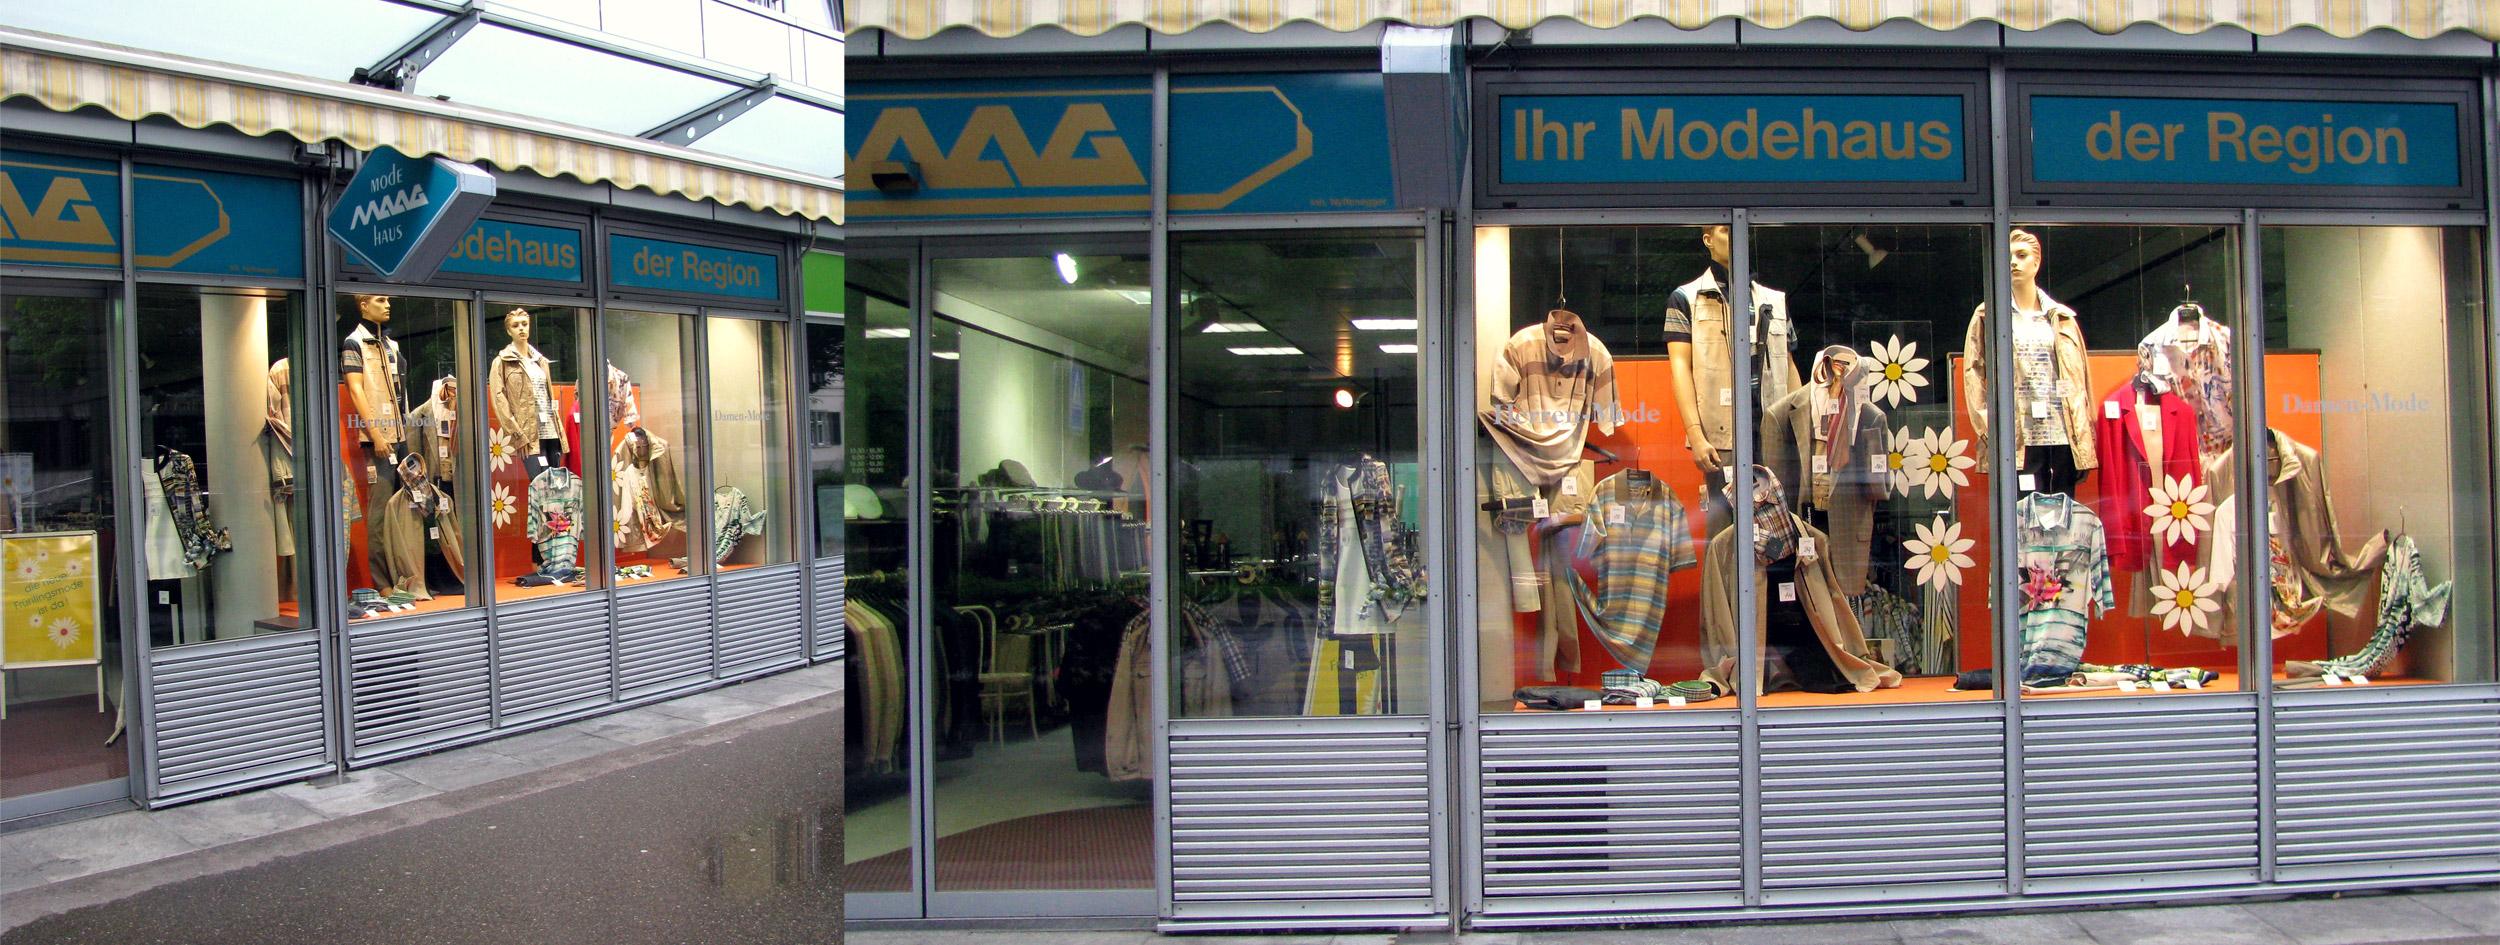 maag-modehaus-geschäft